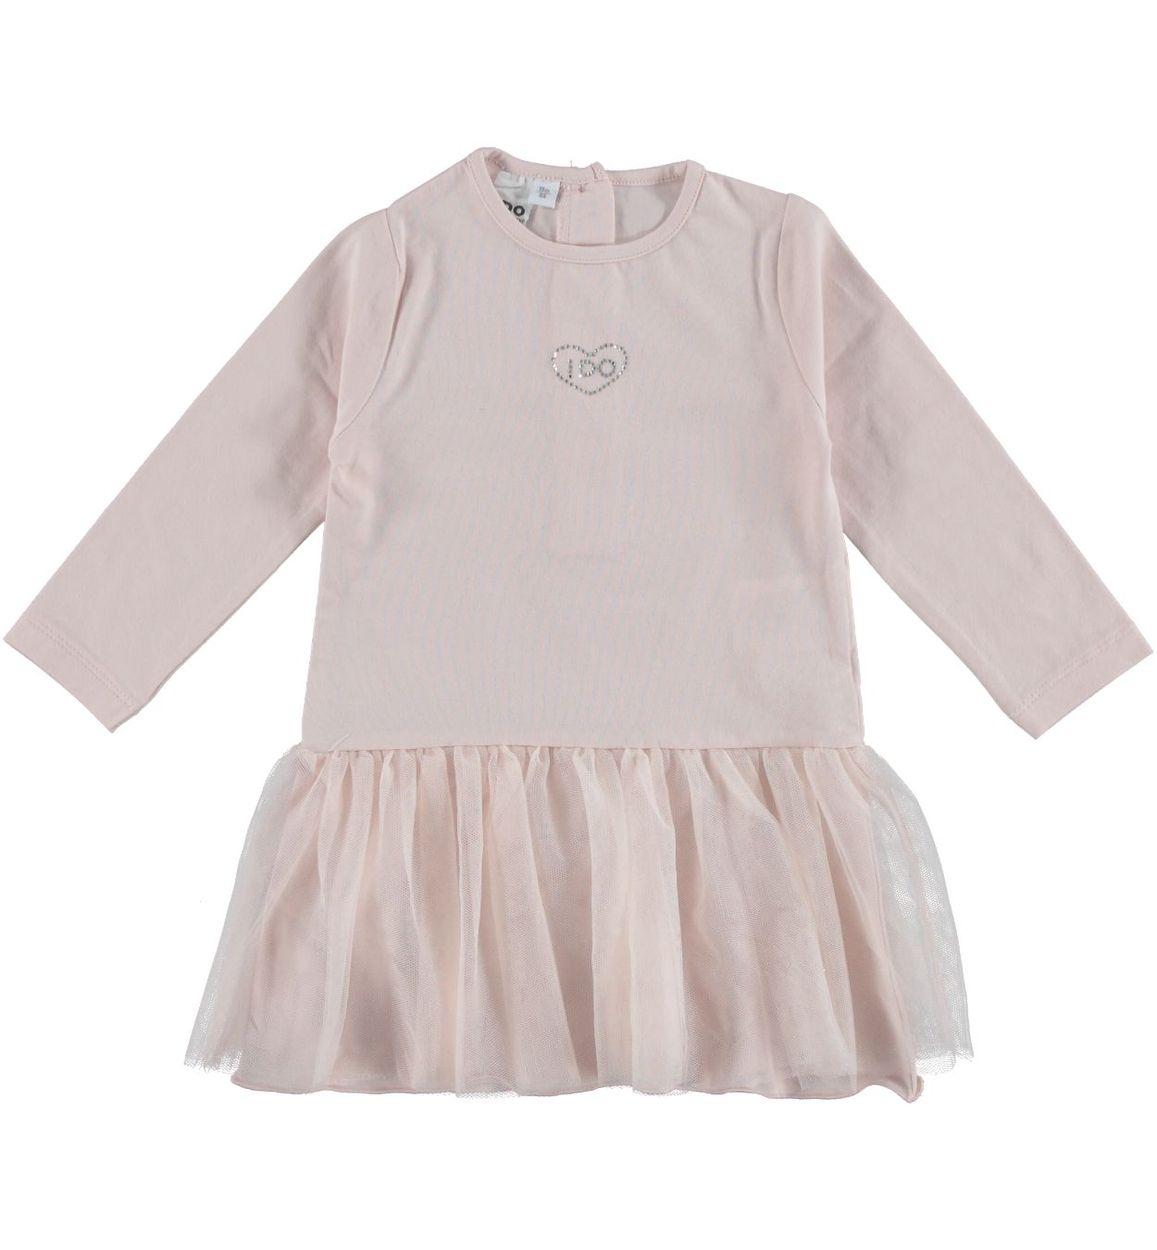 Vestitino bambina in jersey stretch con cuore di strass vestibilità da 6 a  36 mesi iDO f60bc8cc986